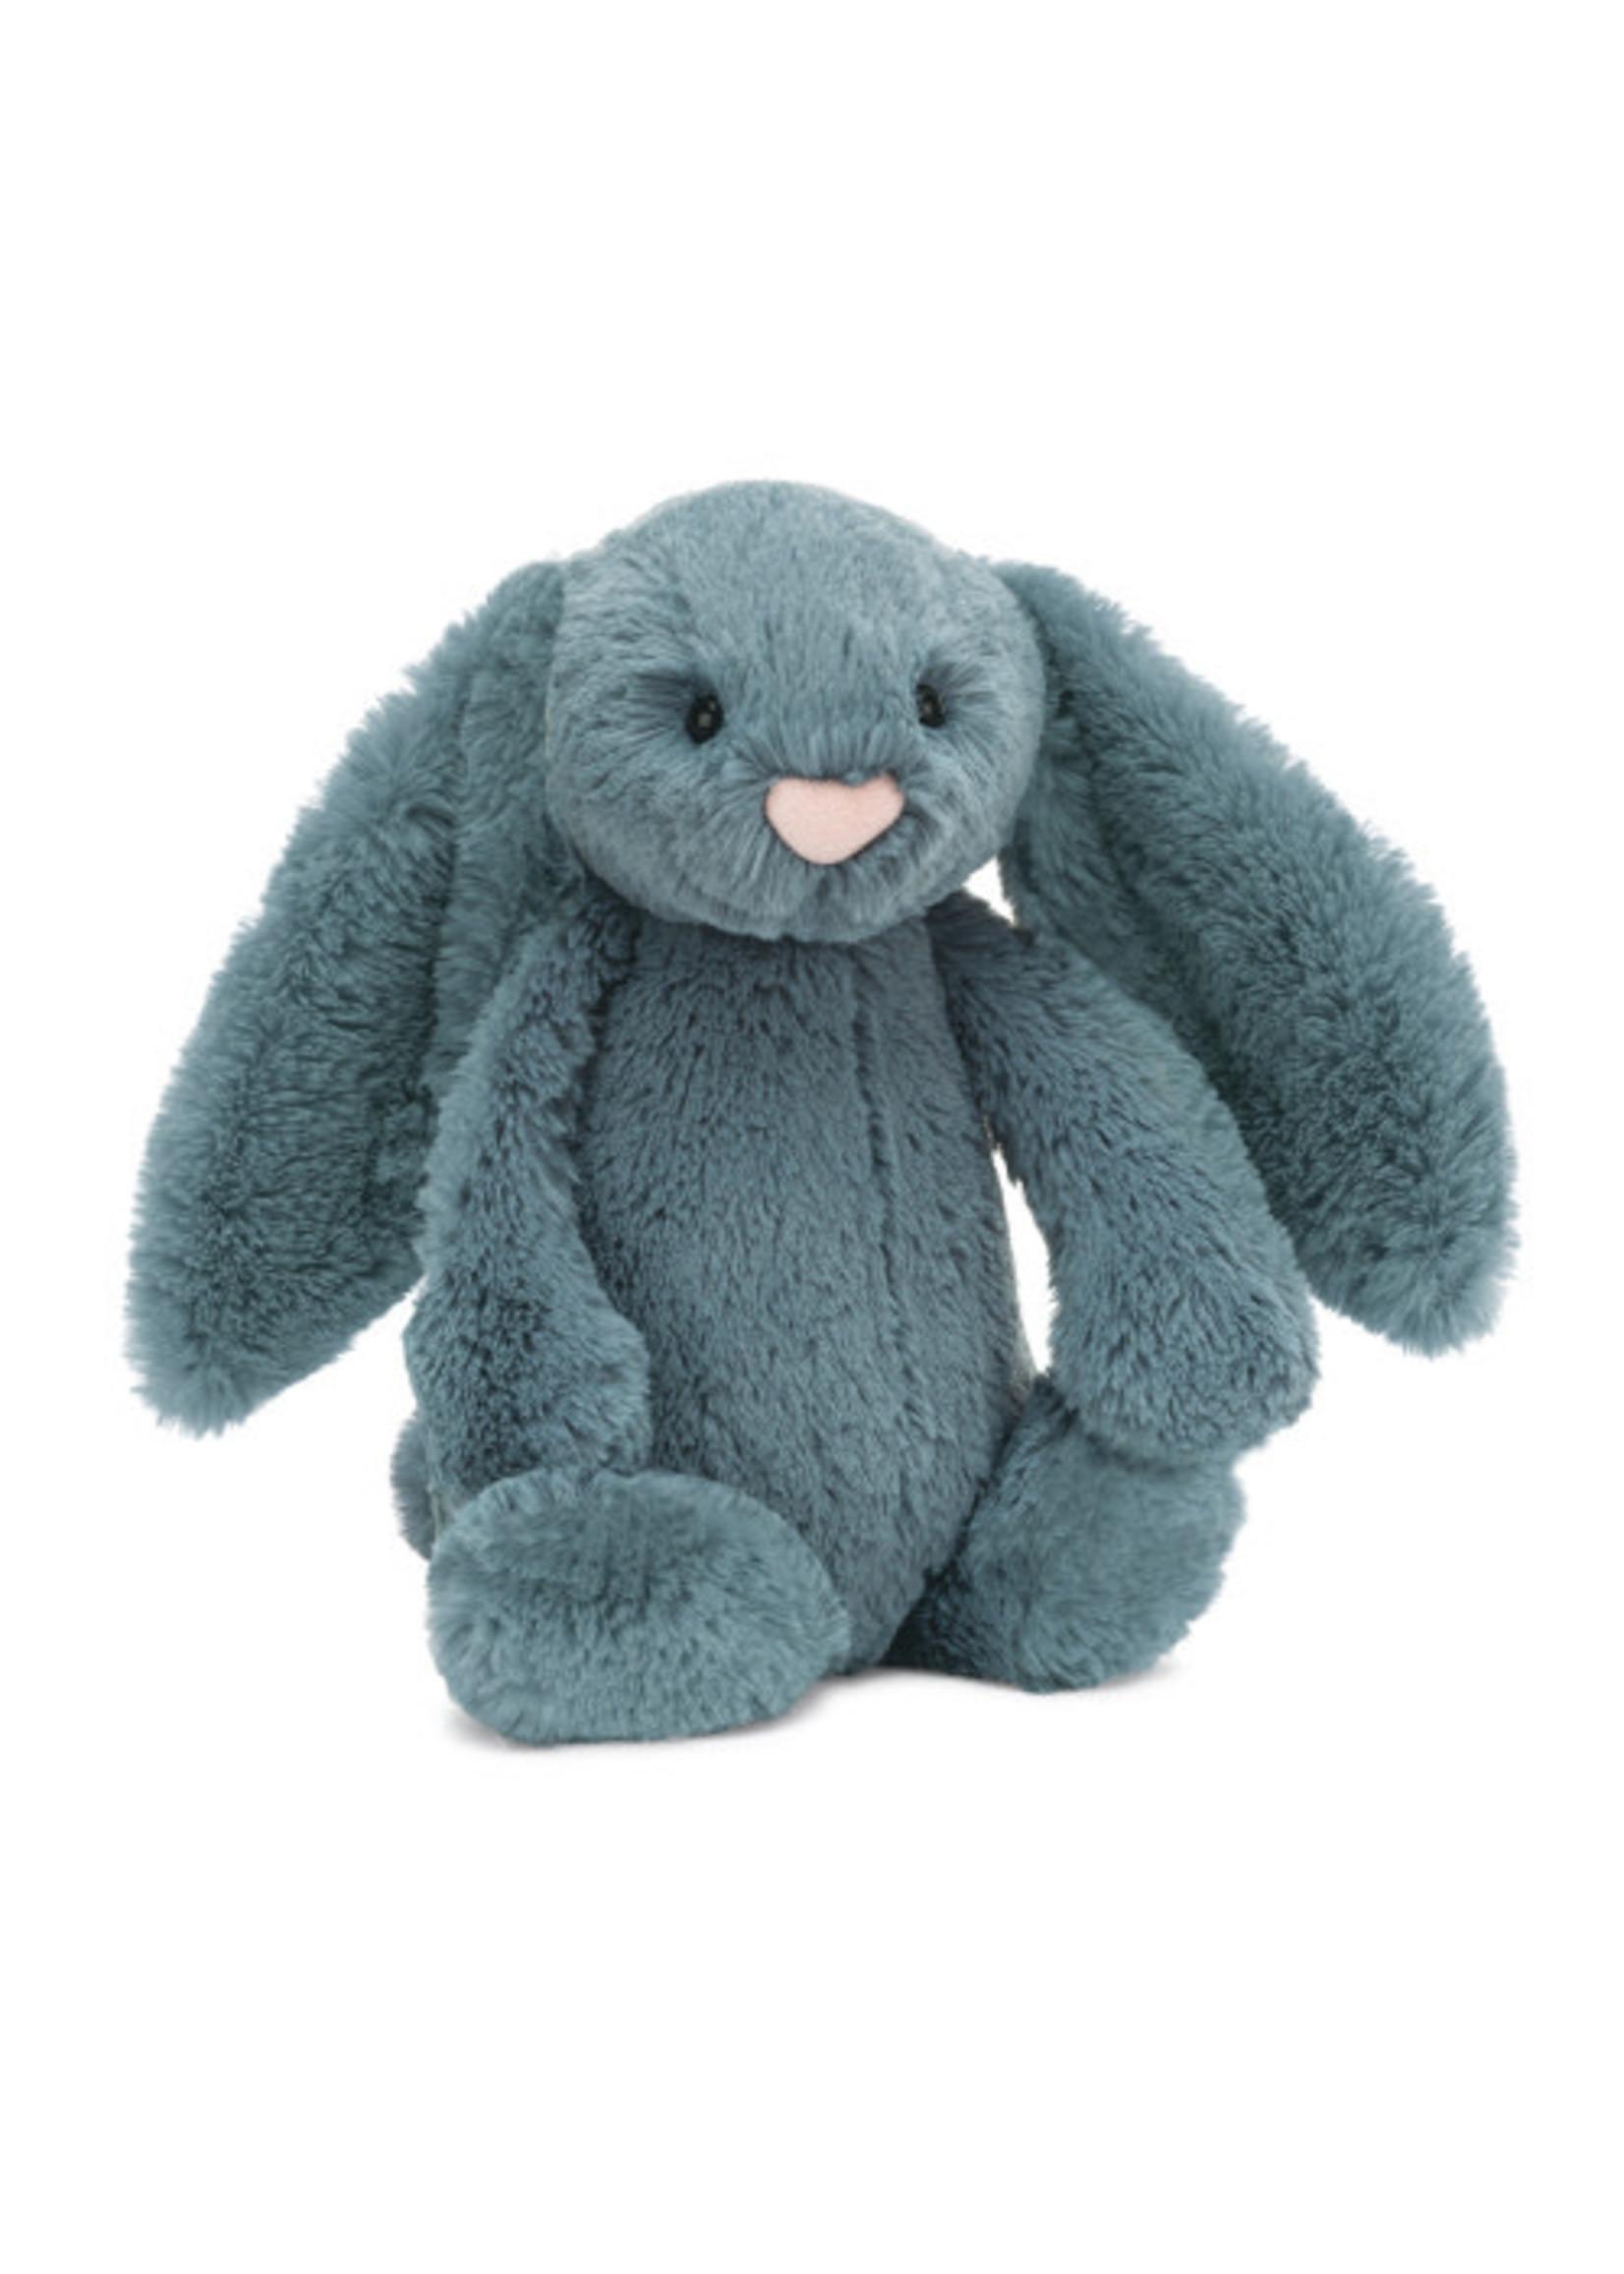 Jellycat JC Medium Bashful Dusky Blue Bunny